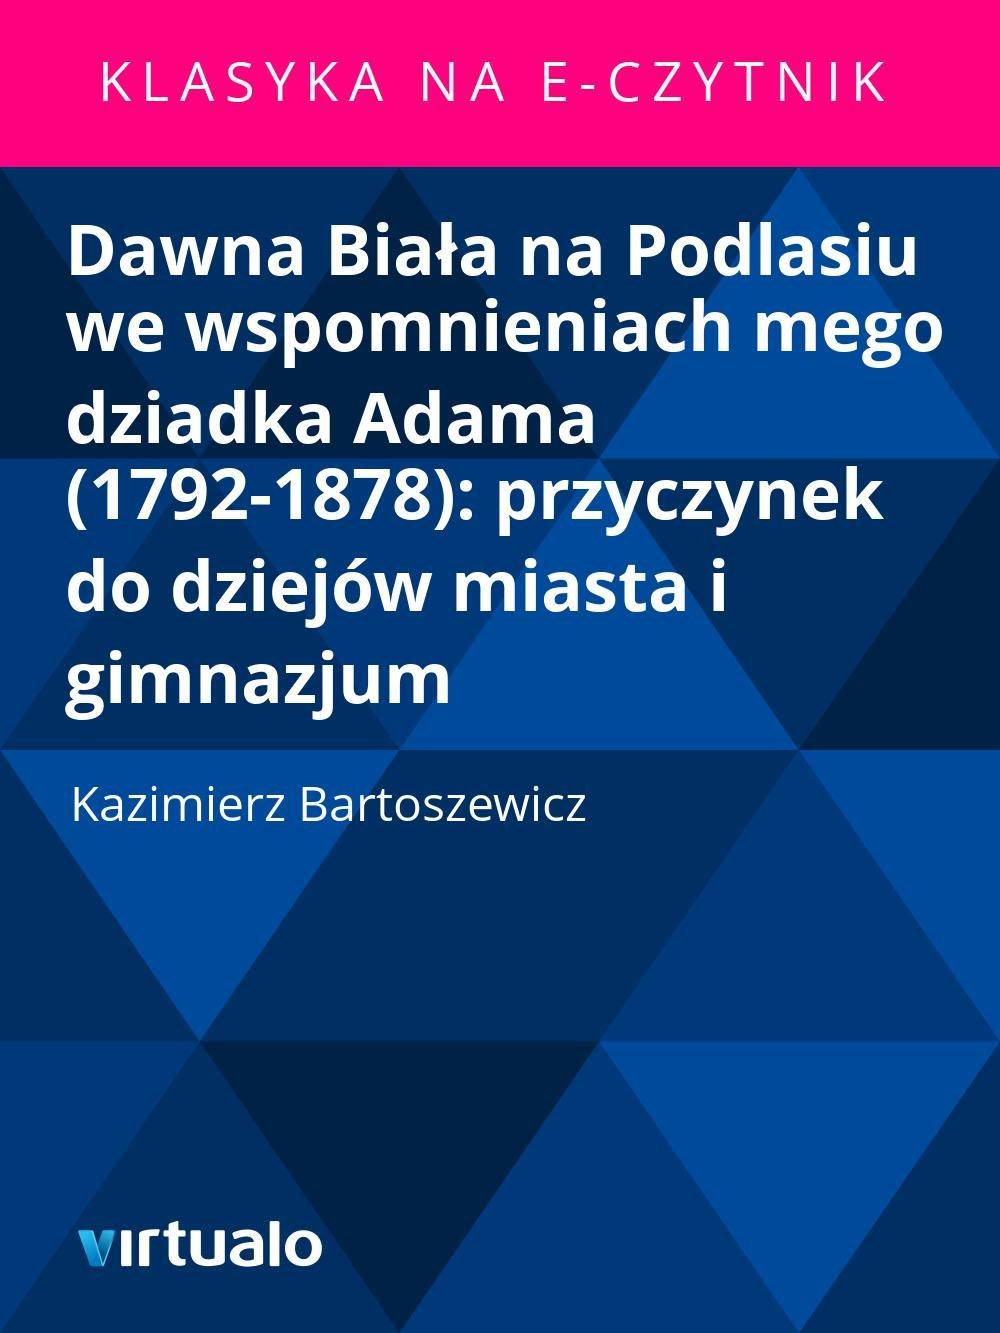 Dawna Biała na Podlasiu we wspomnieniach mego dziadka Adama (1792-1878): przyczynek do dziejów miasta i gimnazjum - Ebook (Książka EPUB) do pobrania w formacie EPUB